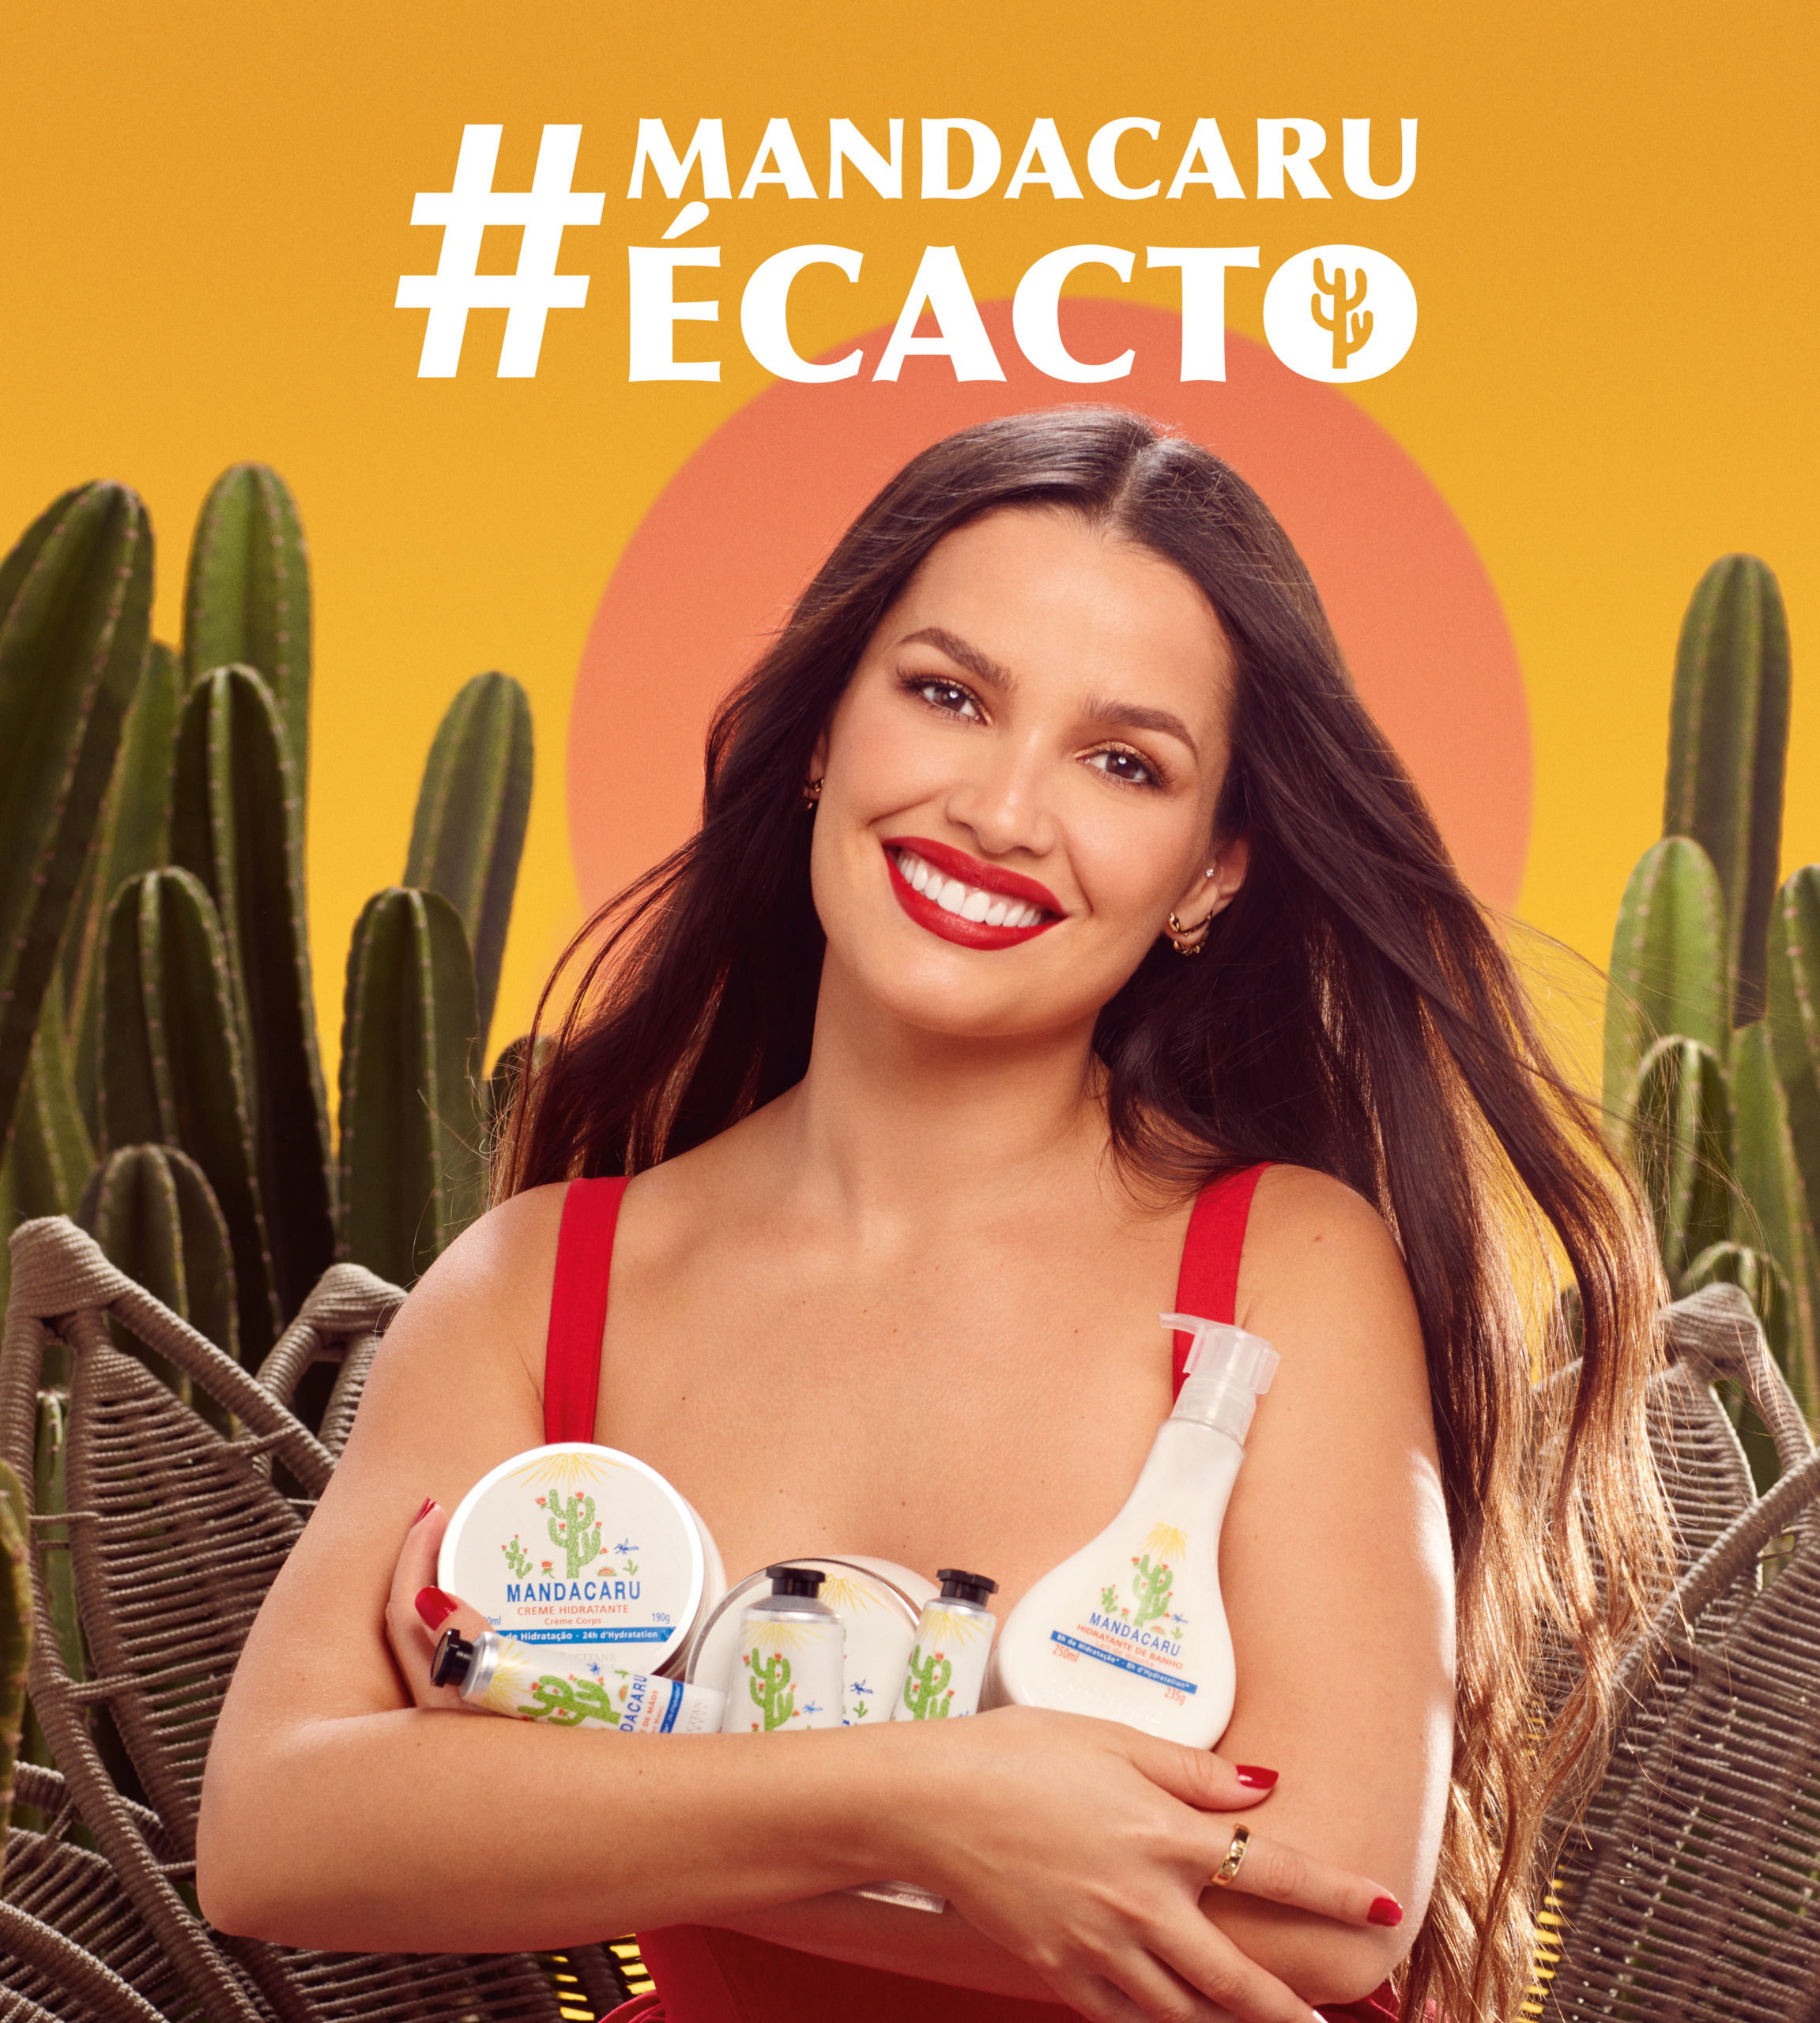 L'Occitane au Brésil e Juliette estreiam campanha digital da linha pioneira de Mandacaru